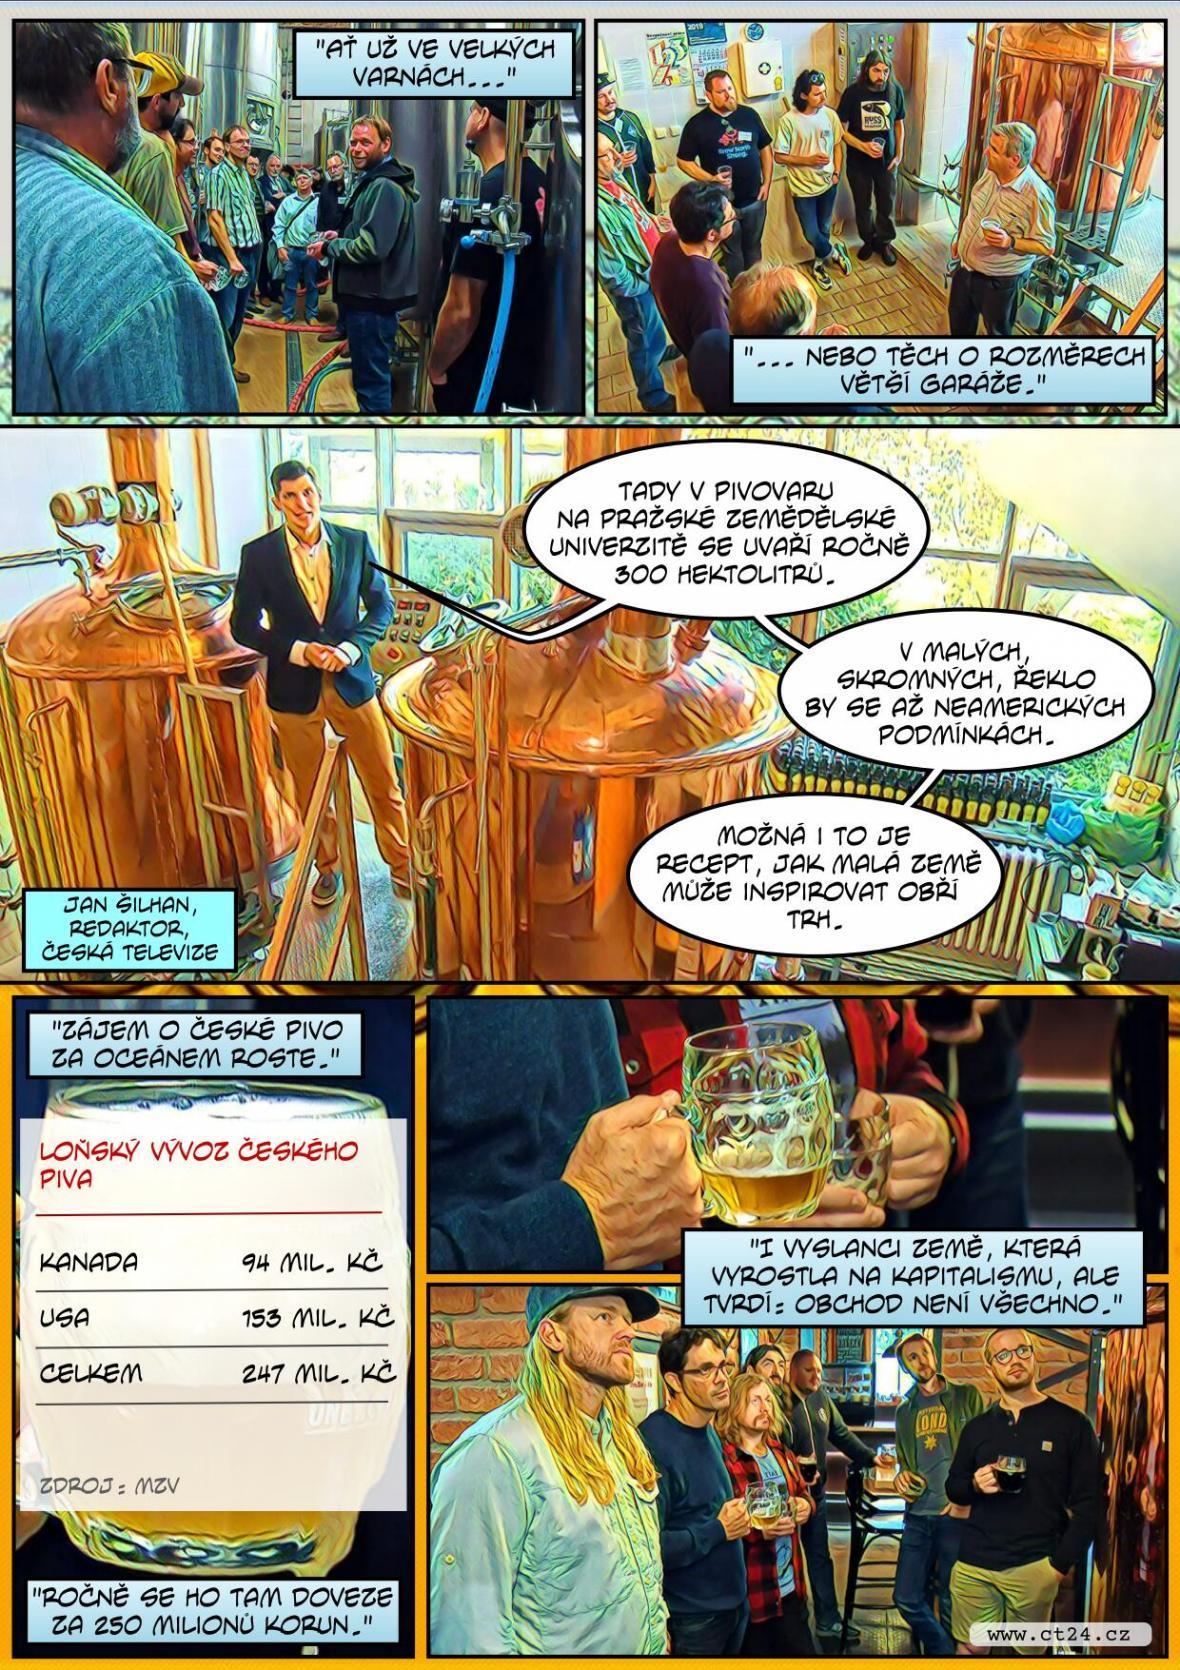 Mezi pivovary v zámoří roste zájem o české pivo i jeho výrobu